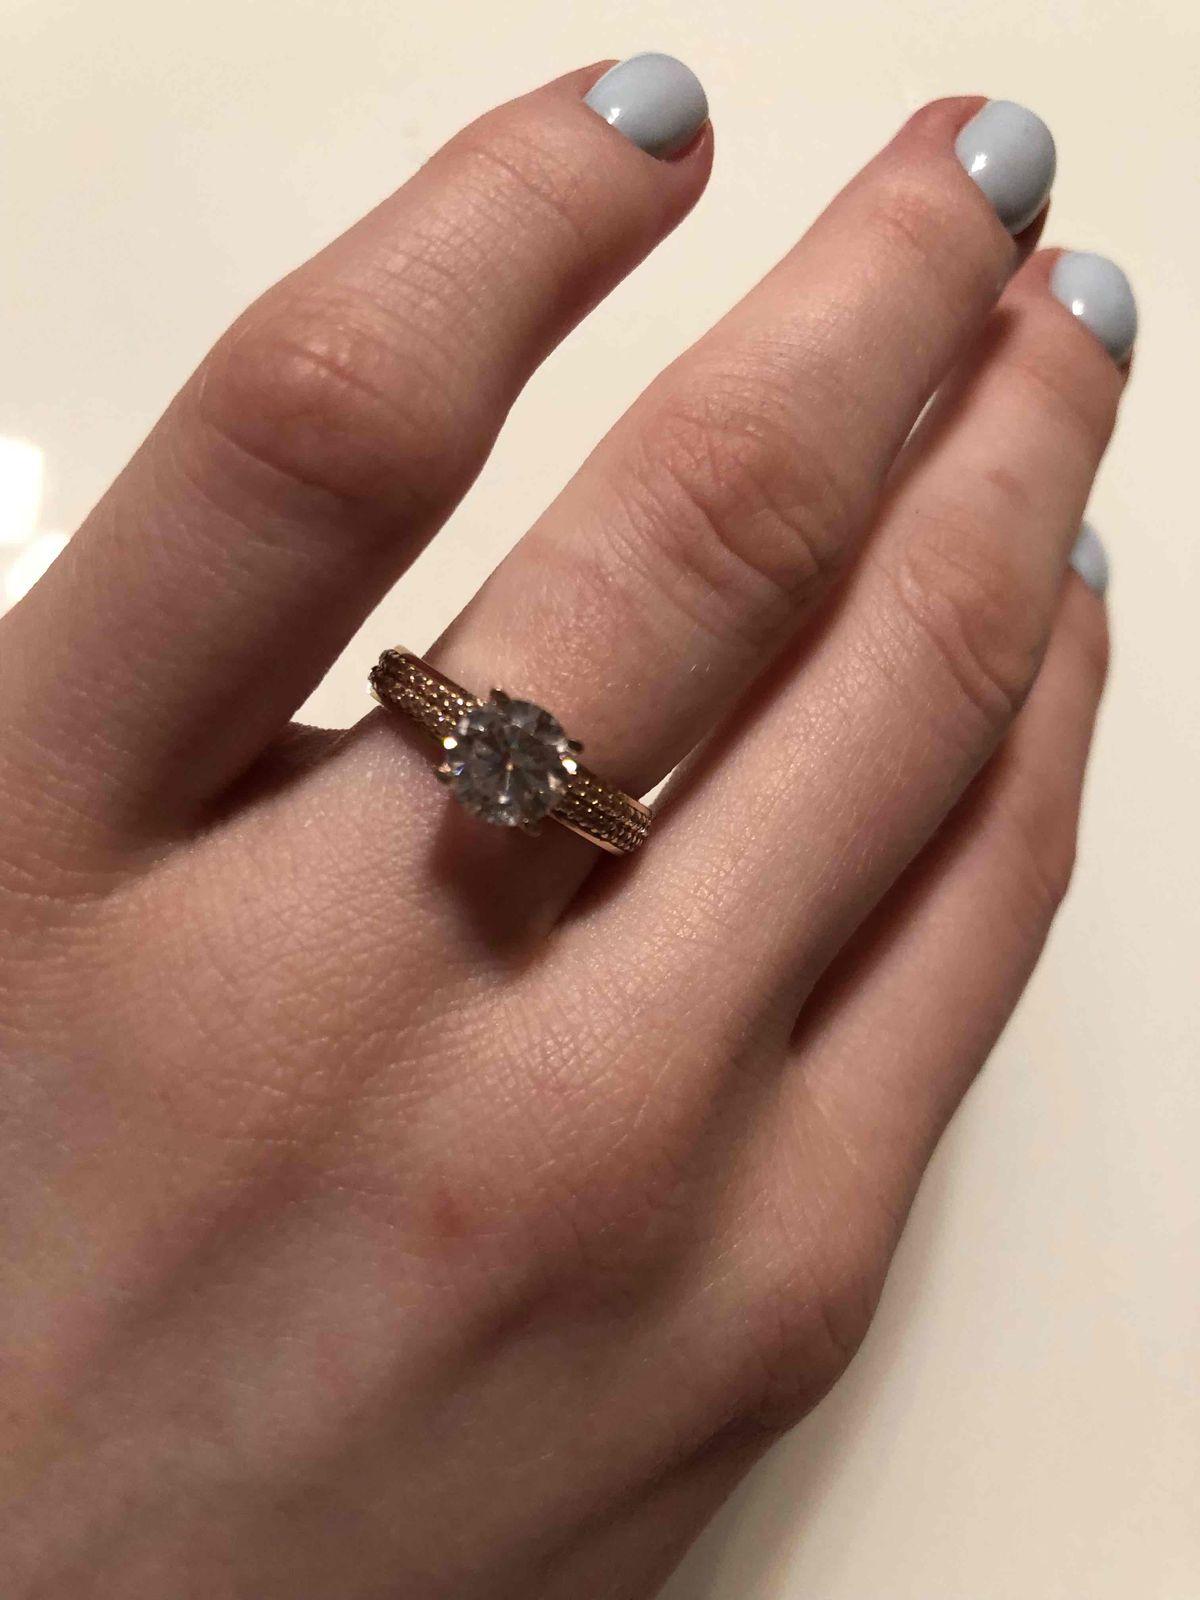 Очень шикарное кольцо, абсолютно всем нравится